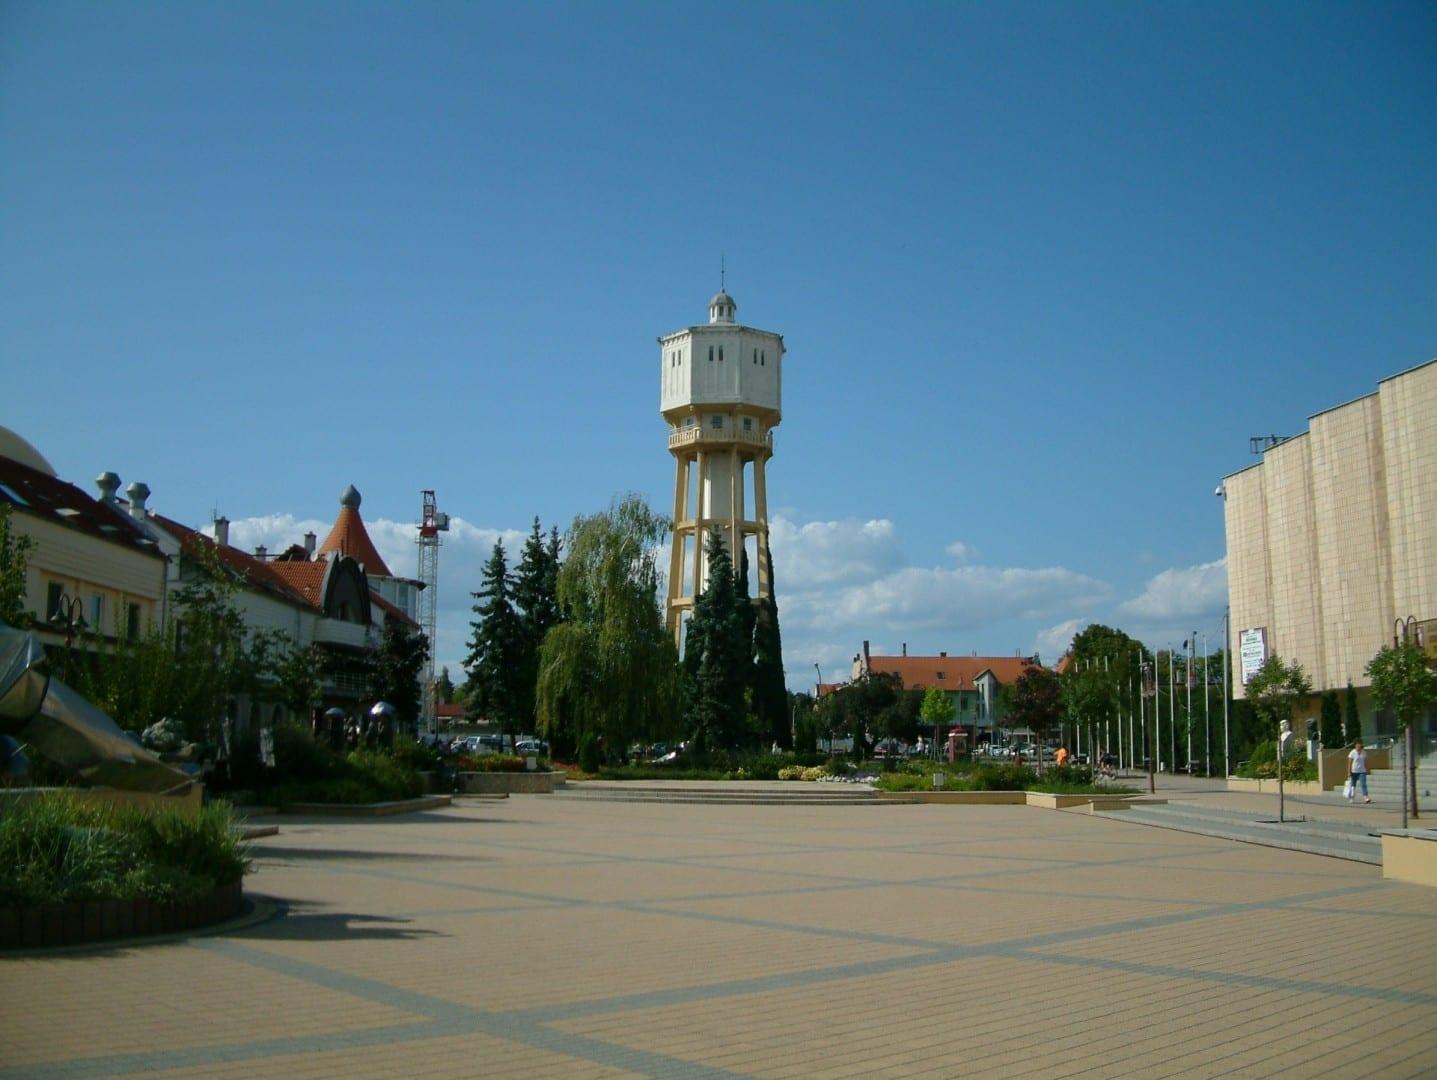 Fő tér (Plaza Principal) con la Torre del Agua Siófok Hungría